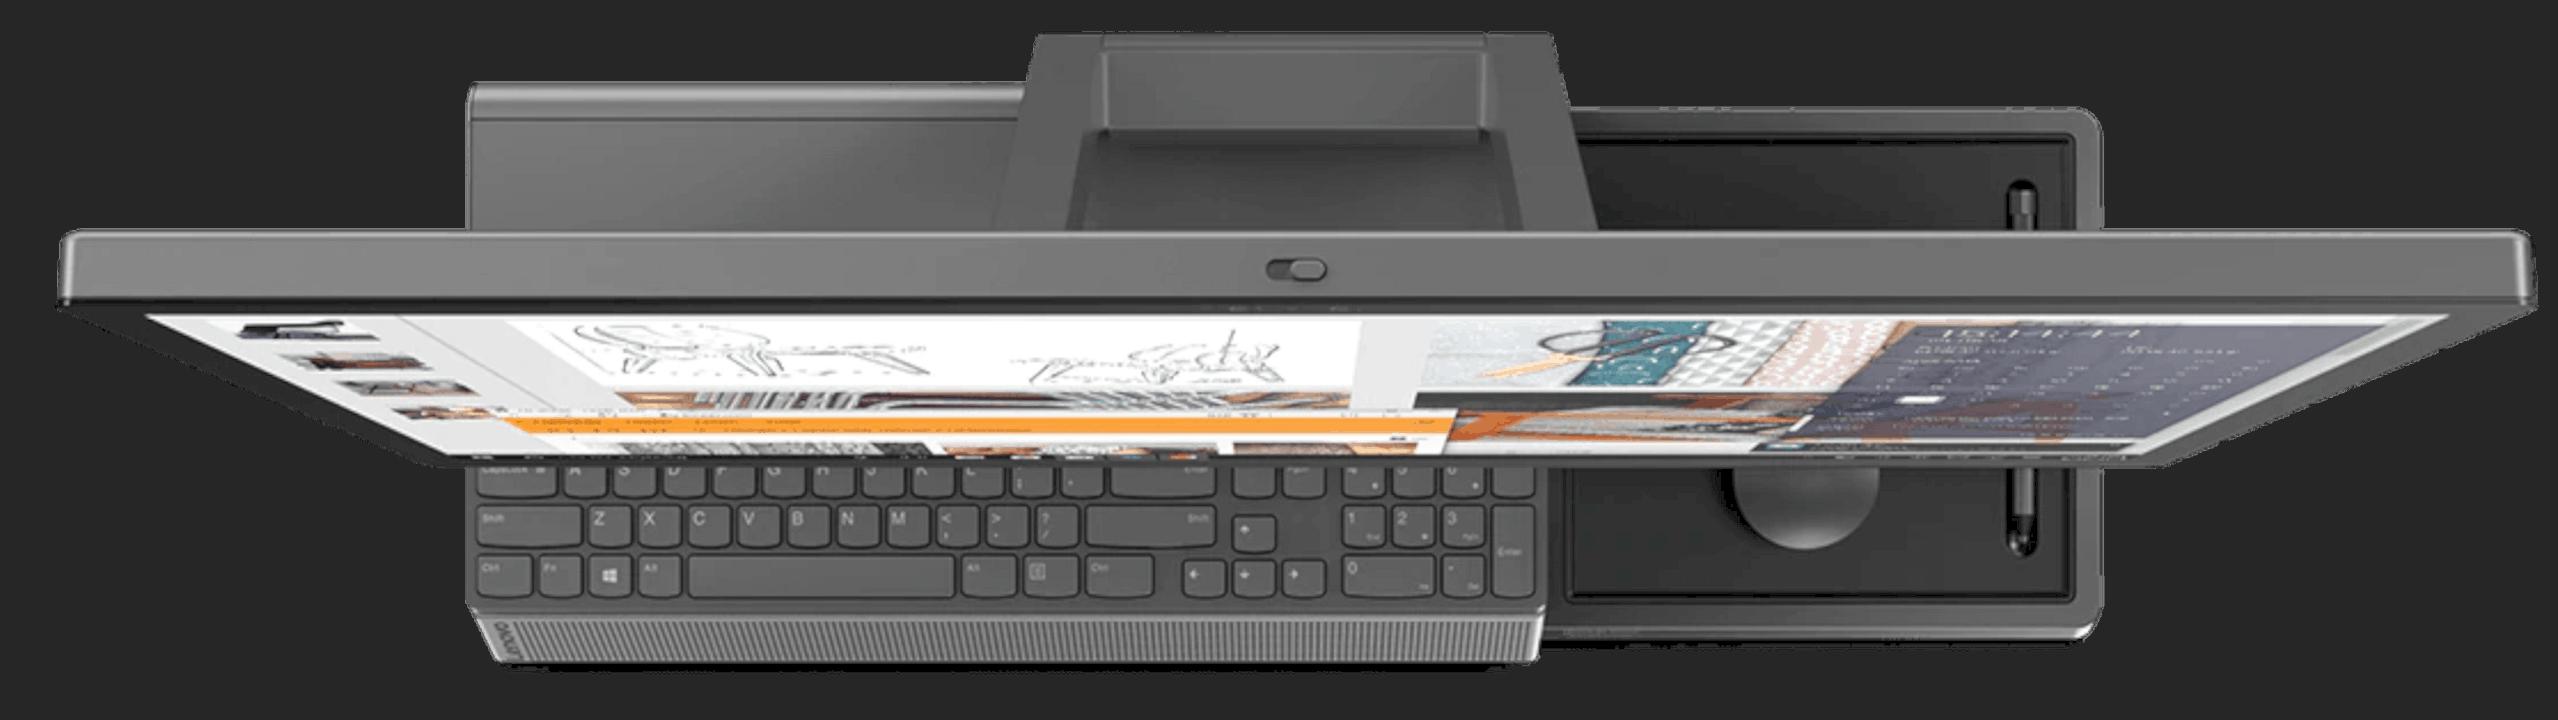 Lenovo Yoga A940 1